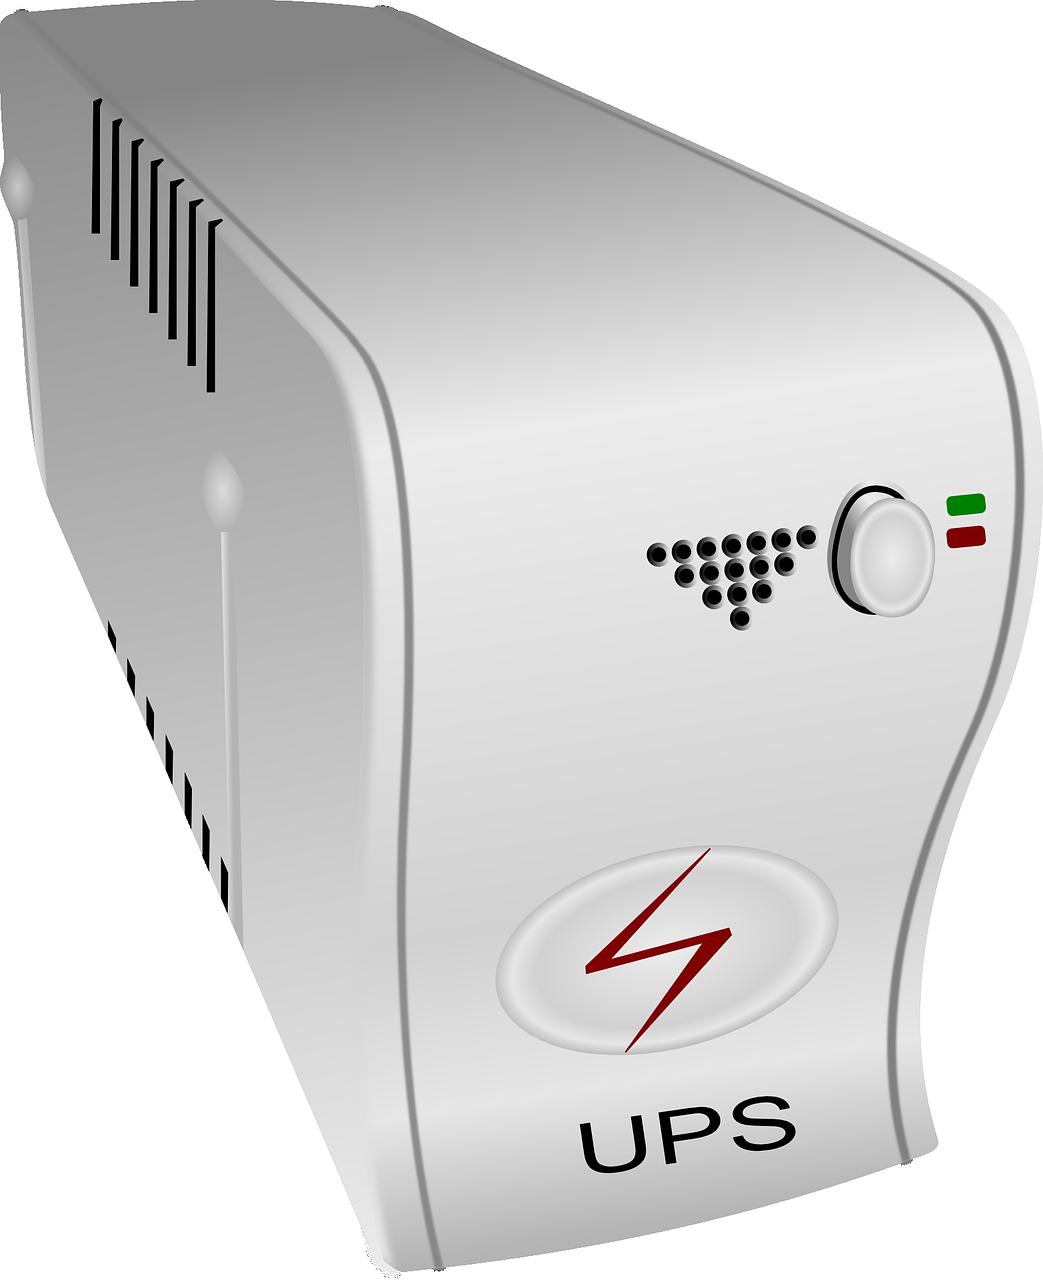 set up an IP camera UPS